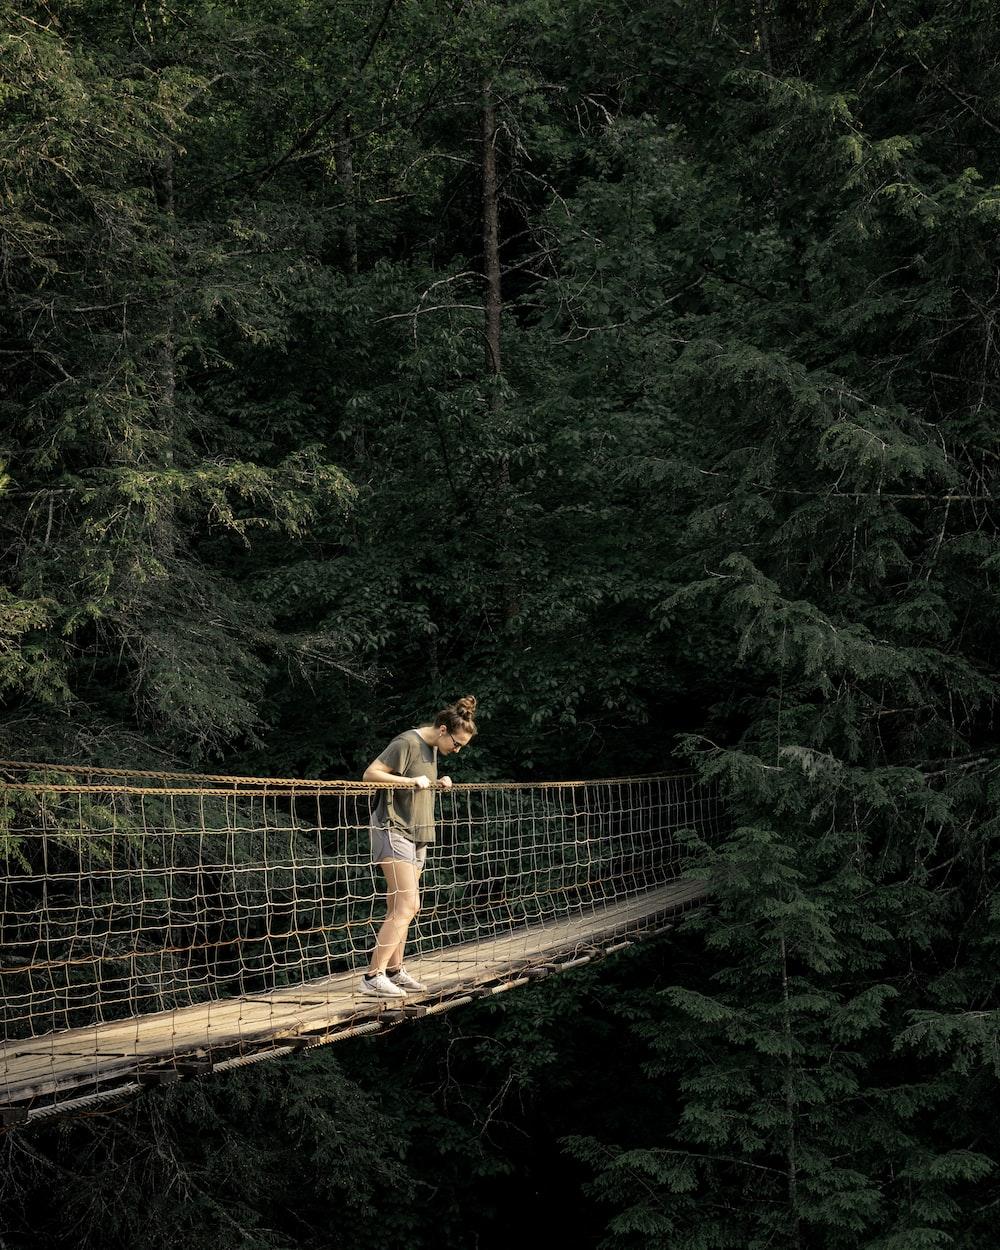 woman viewing downward on hanging bridge